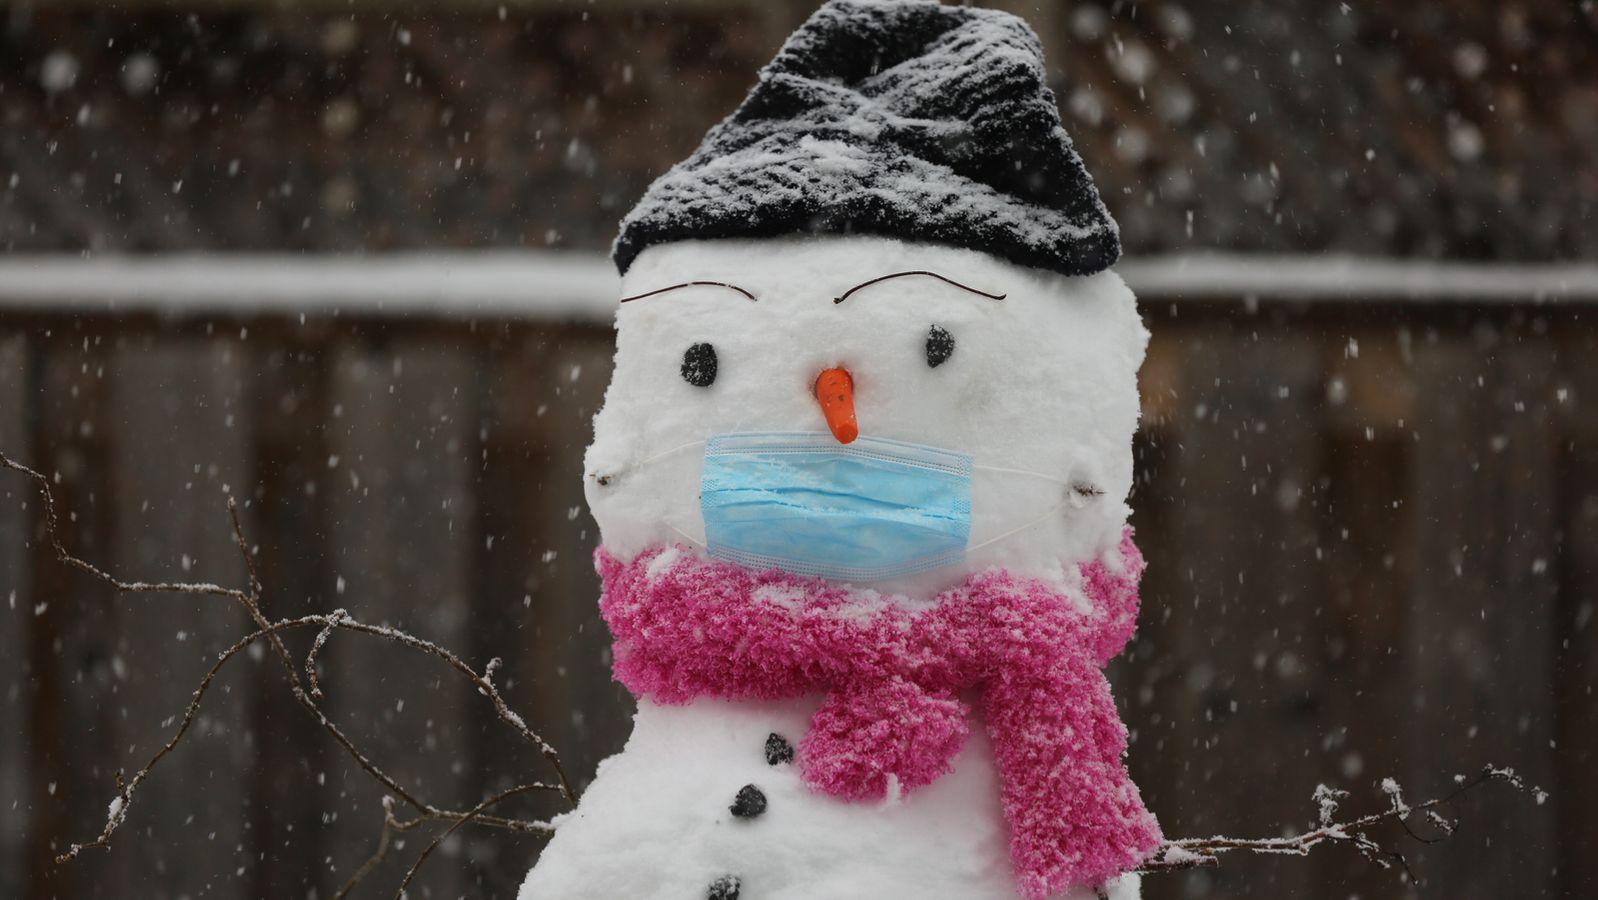 Bayern: Am Dienstag kommt der erste Schnee, aber...